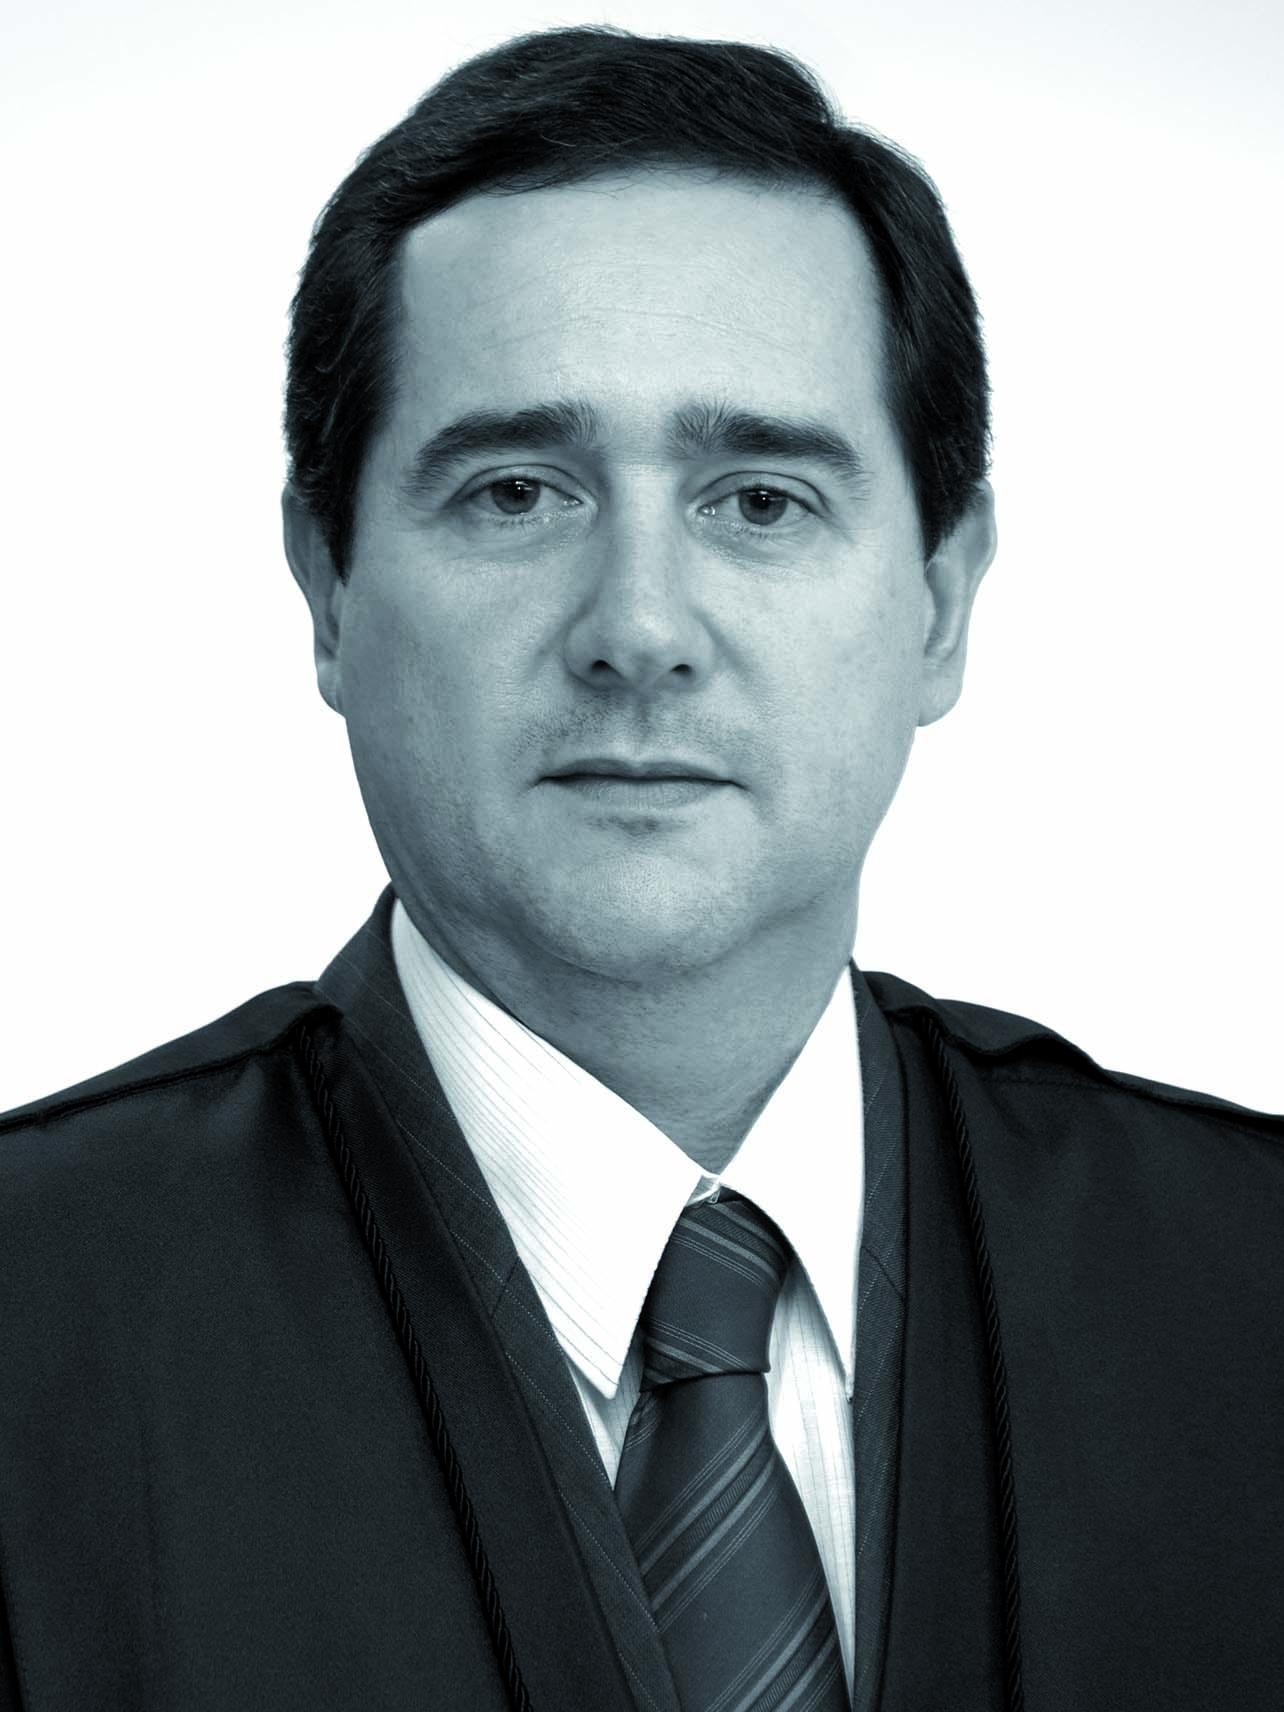 Desembargador Federal Ricardo Teixeira do Valle Pereira